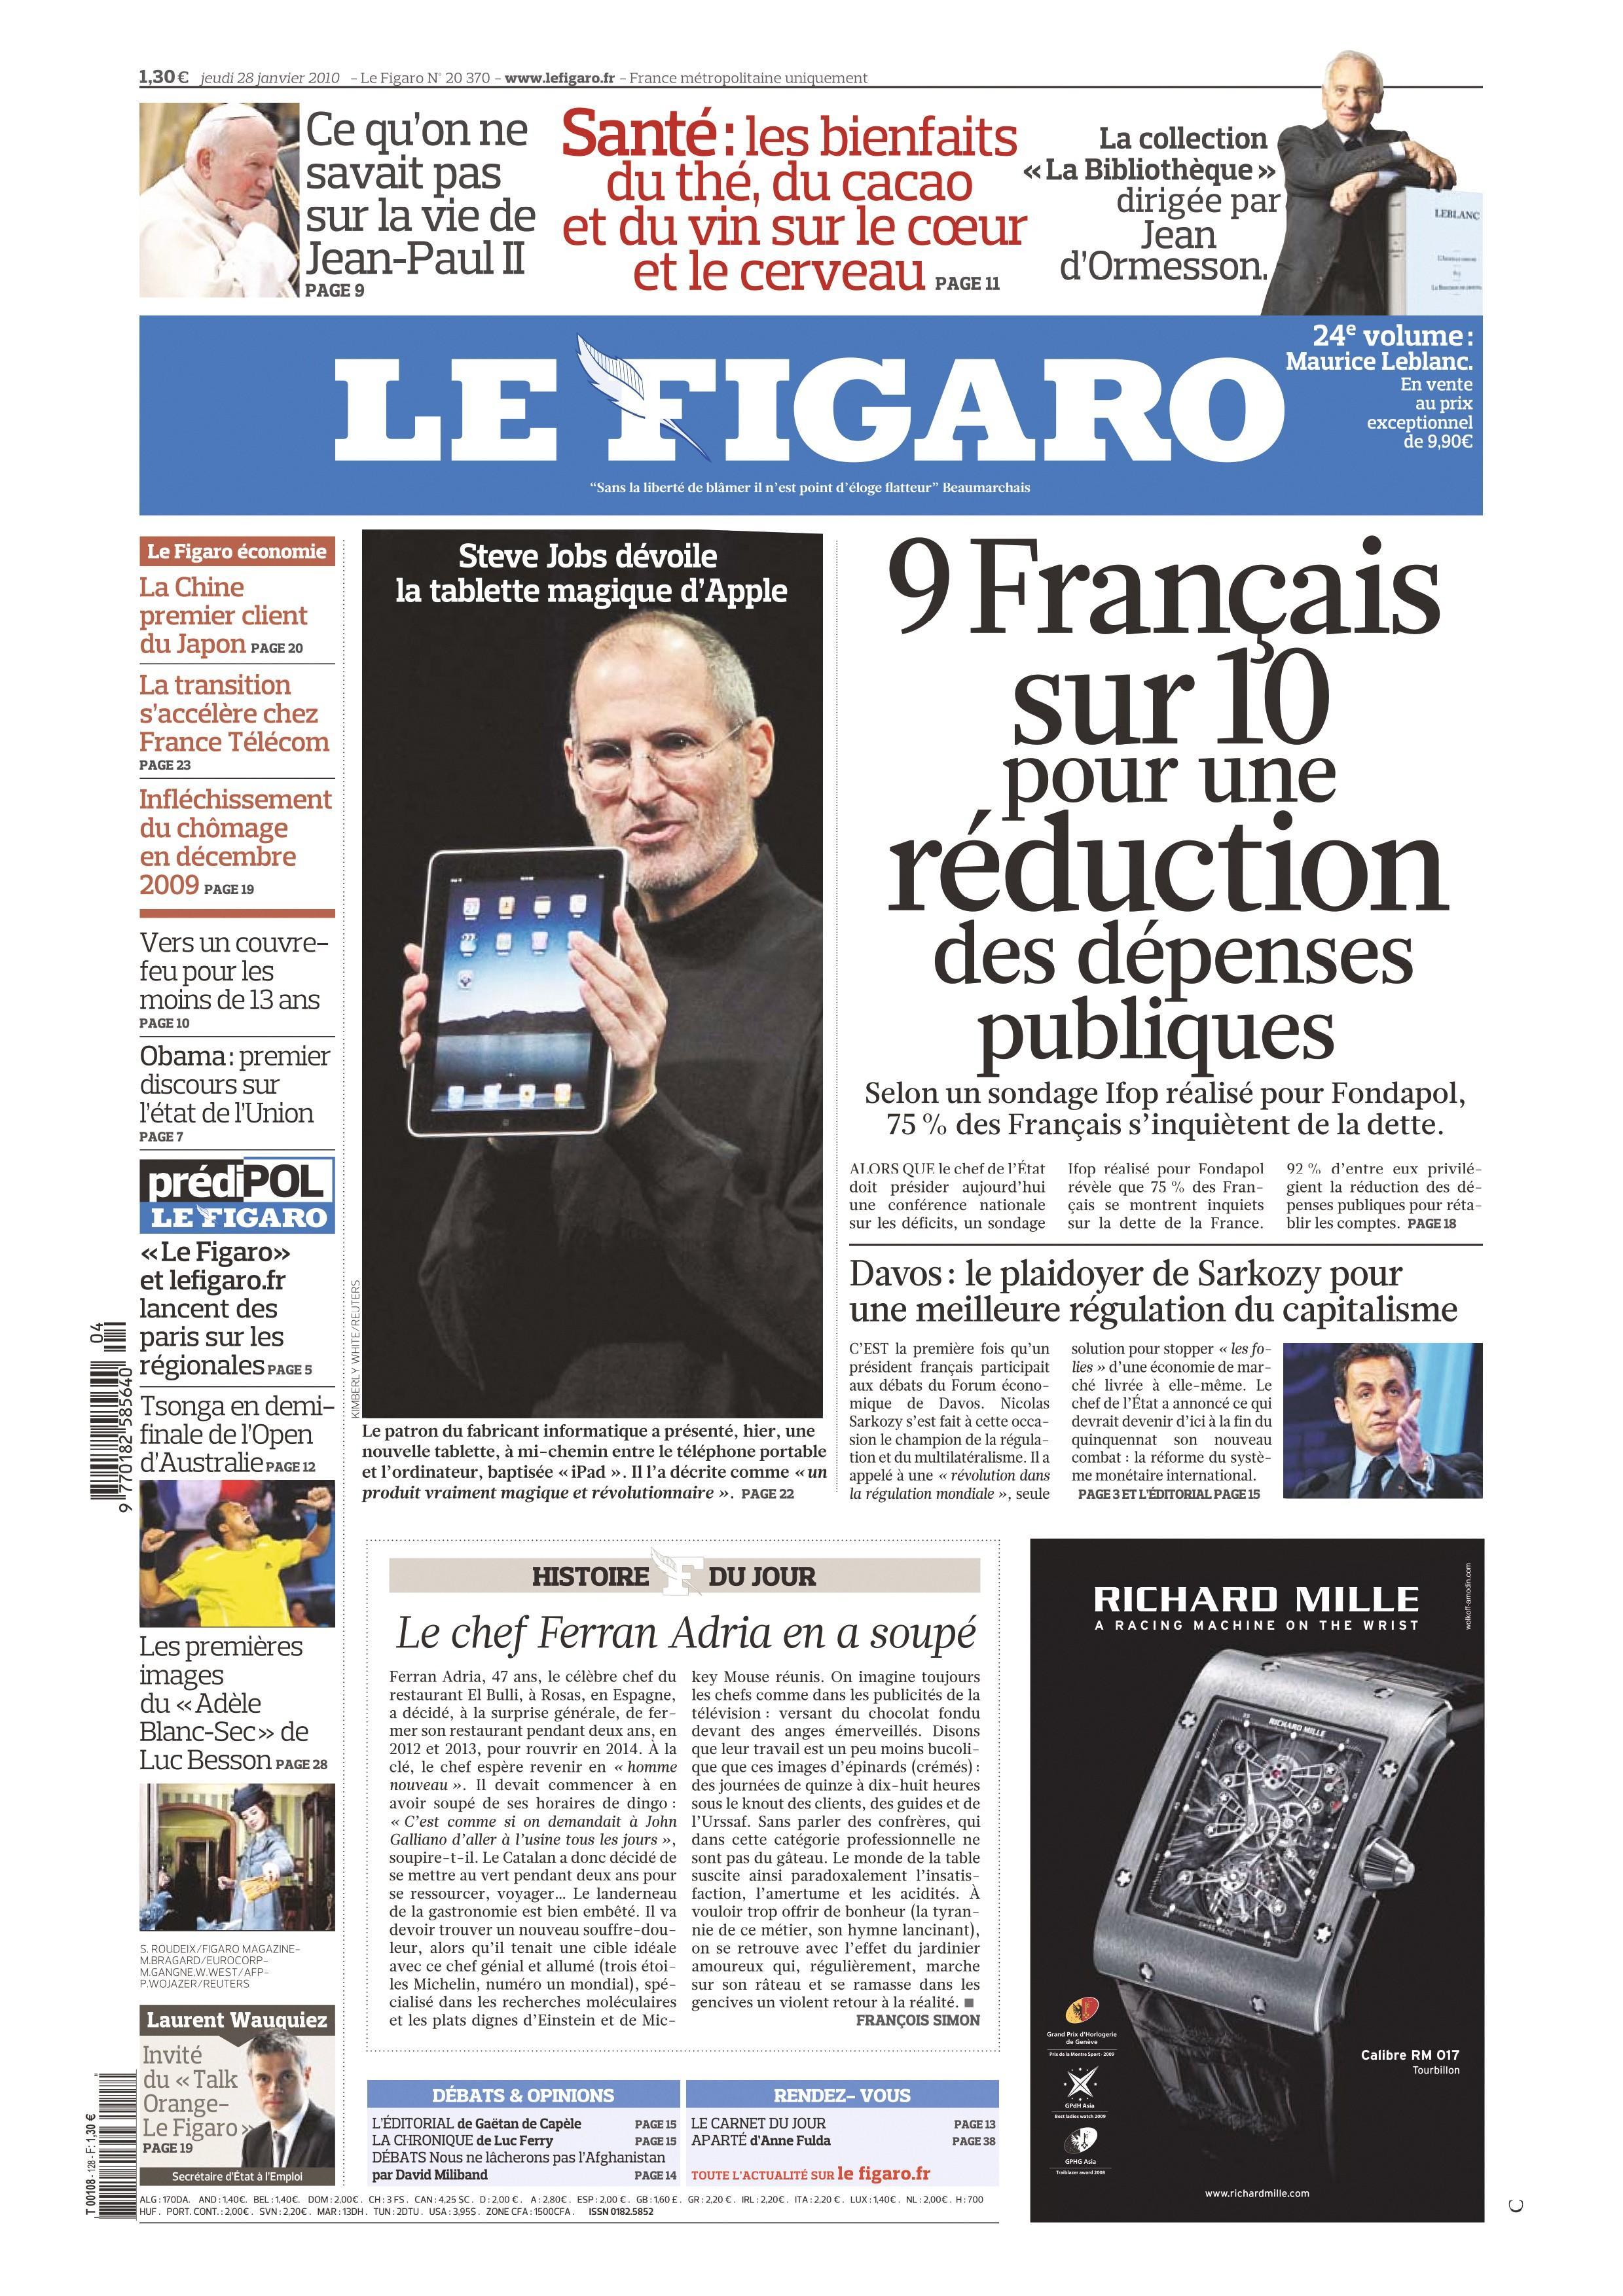 Une du journal Le Figaro du 28 janvier 2010.